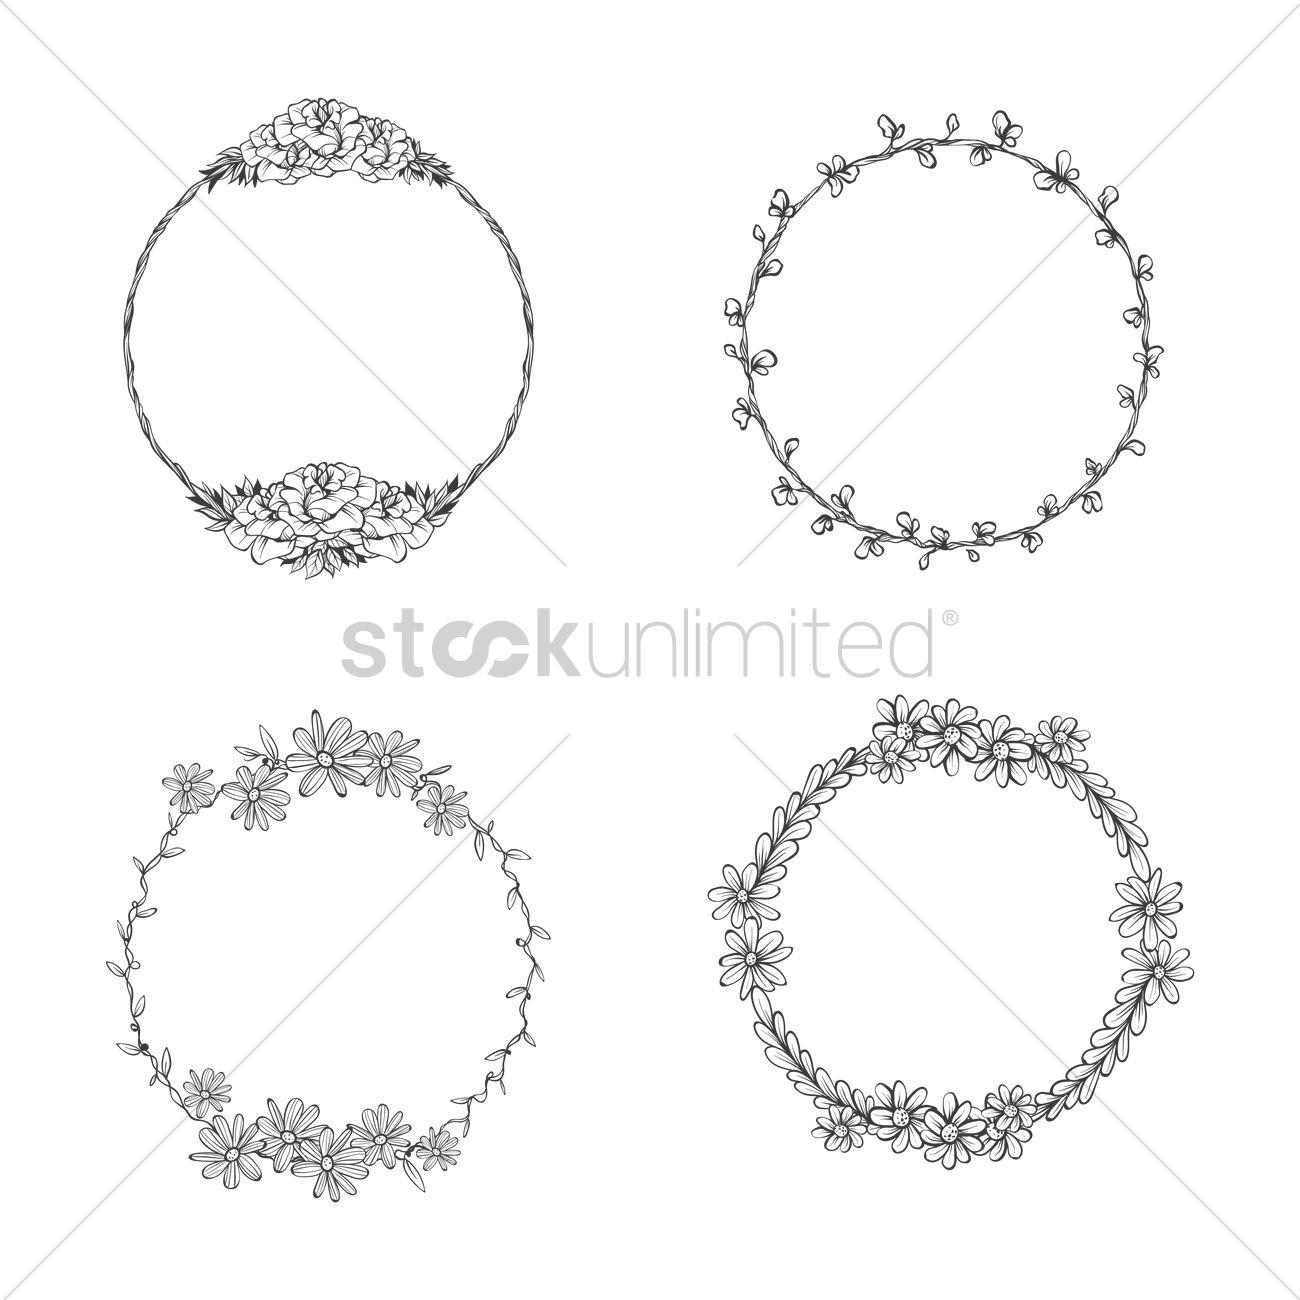 Set of ornamental frames Vector Image - 1990563 | StockUnlimited